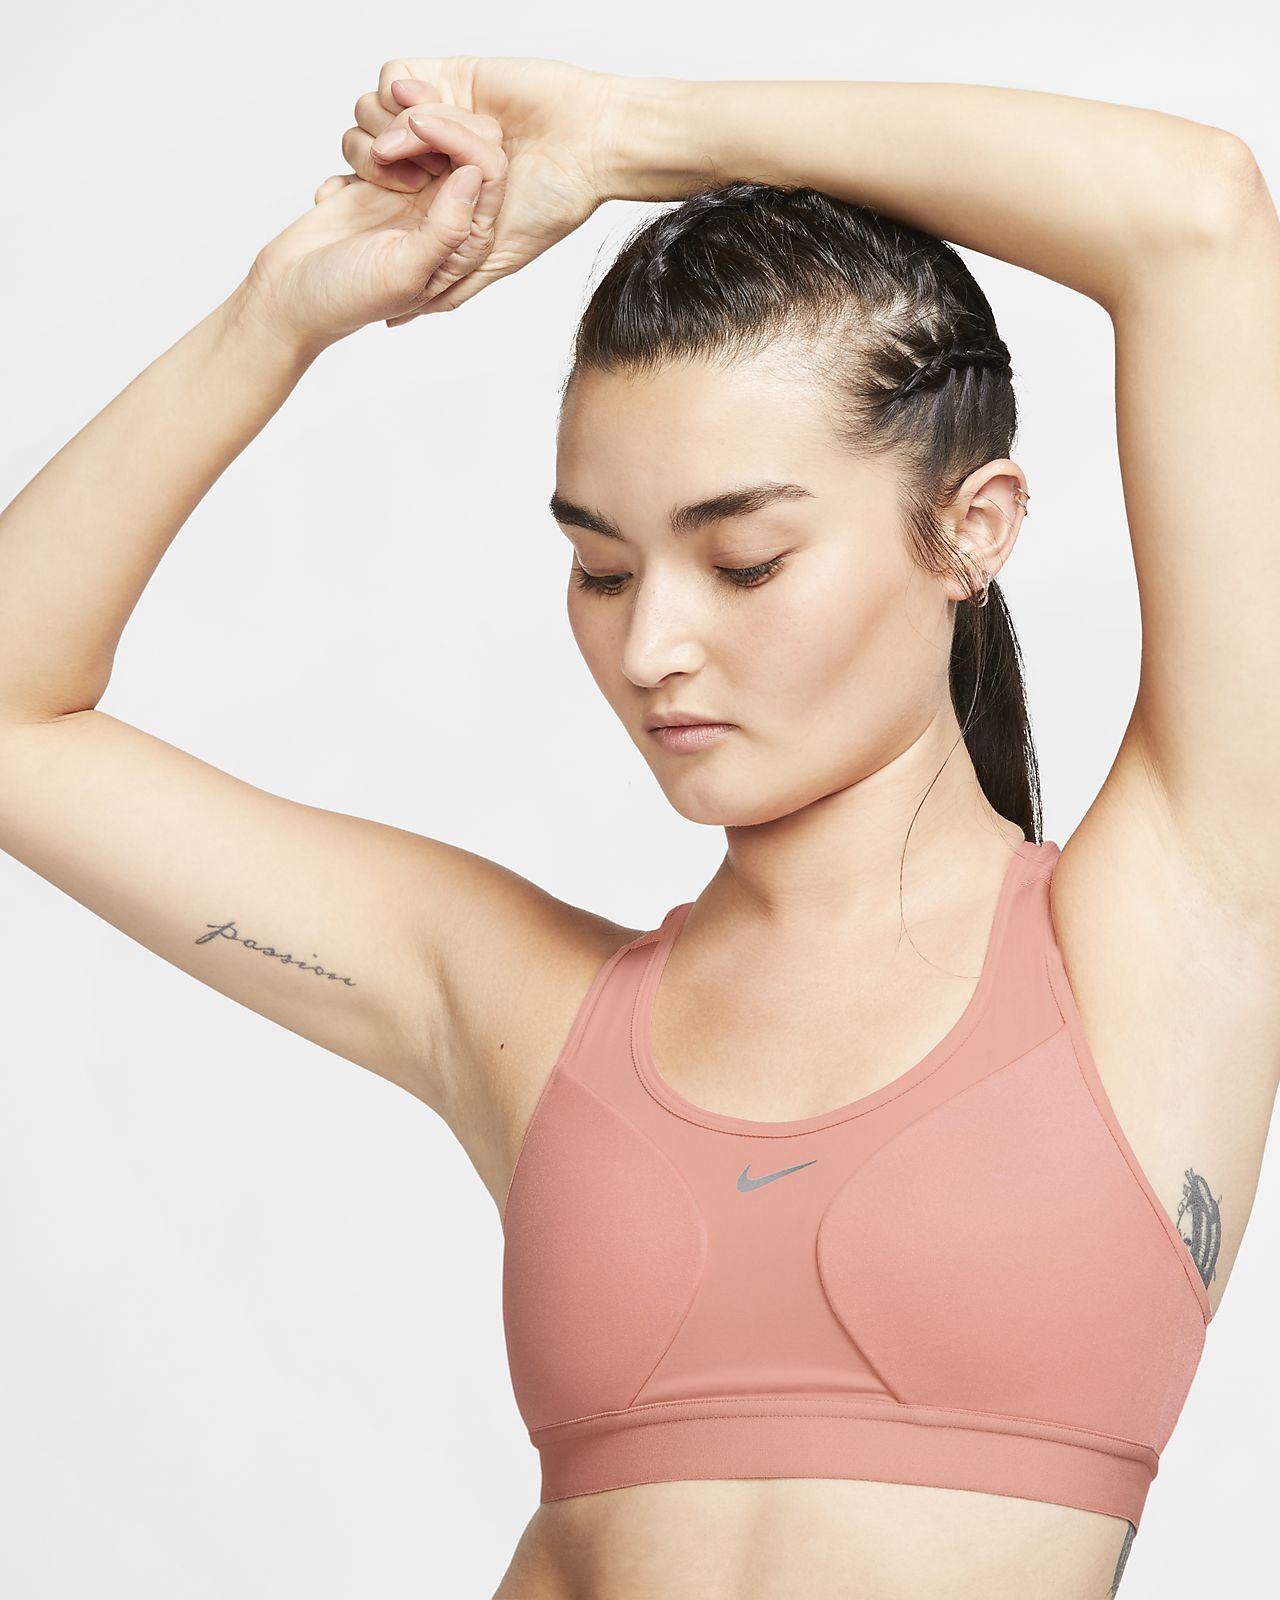 สปอร์ตบราผู้หญิงซัพพอร์ตระดับสูง Nike